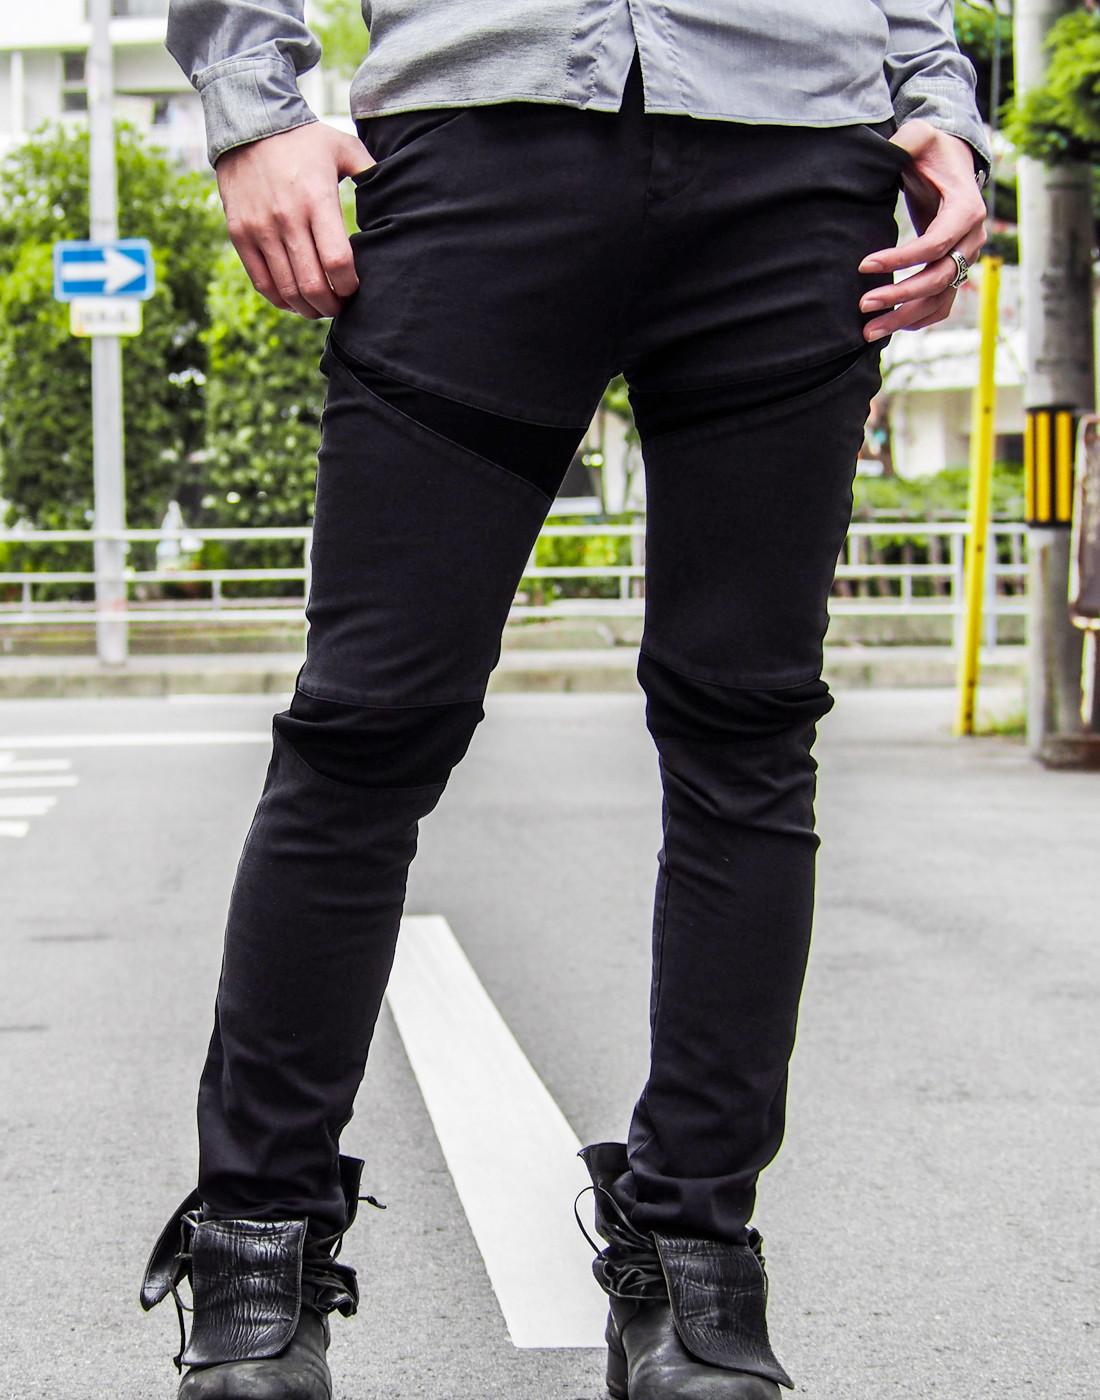 ストレッチグレーシャツとバイカーパンツ5.jpg